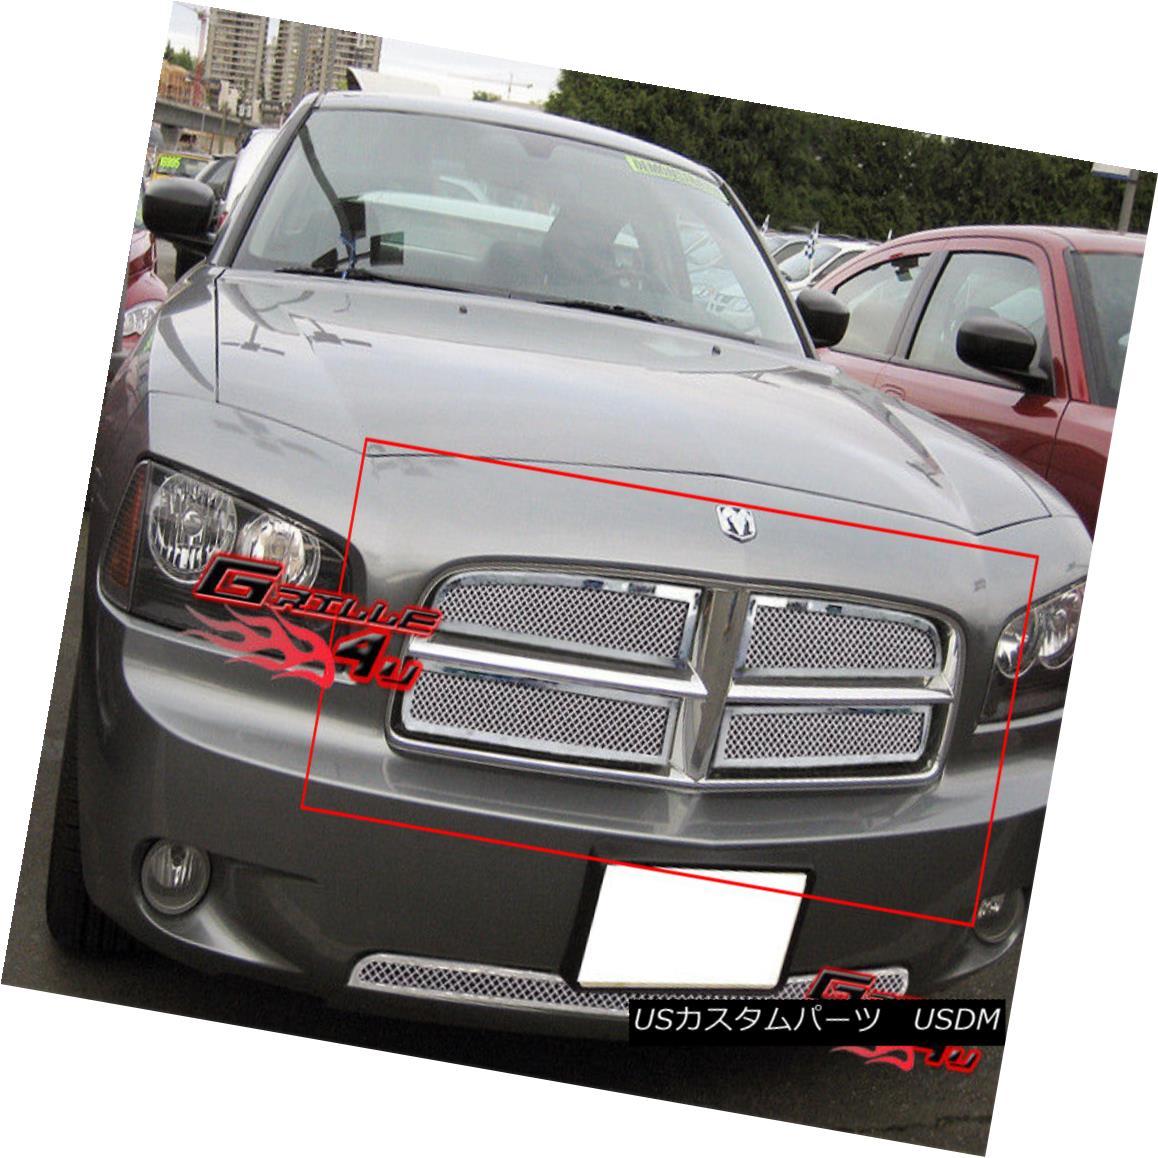 グリル For 05-10 Dodge Charger Stainless Steel Mesh Grille Insert 05-10ダッジチャージャステンレスメッシュグリルインサート